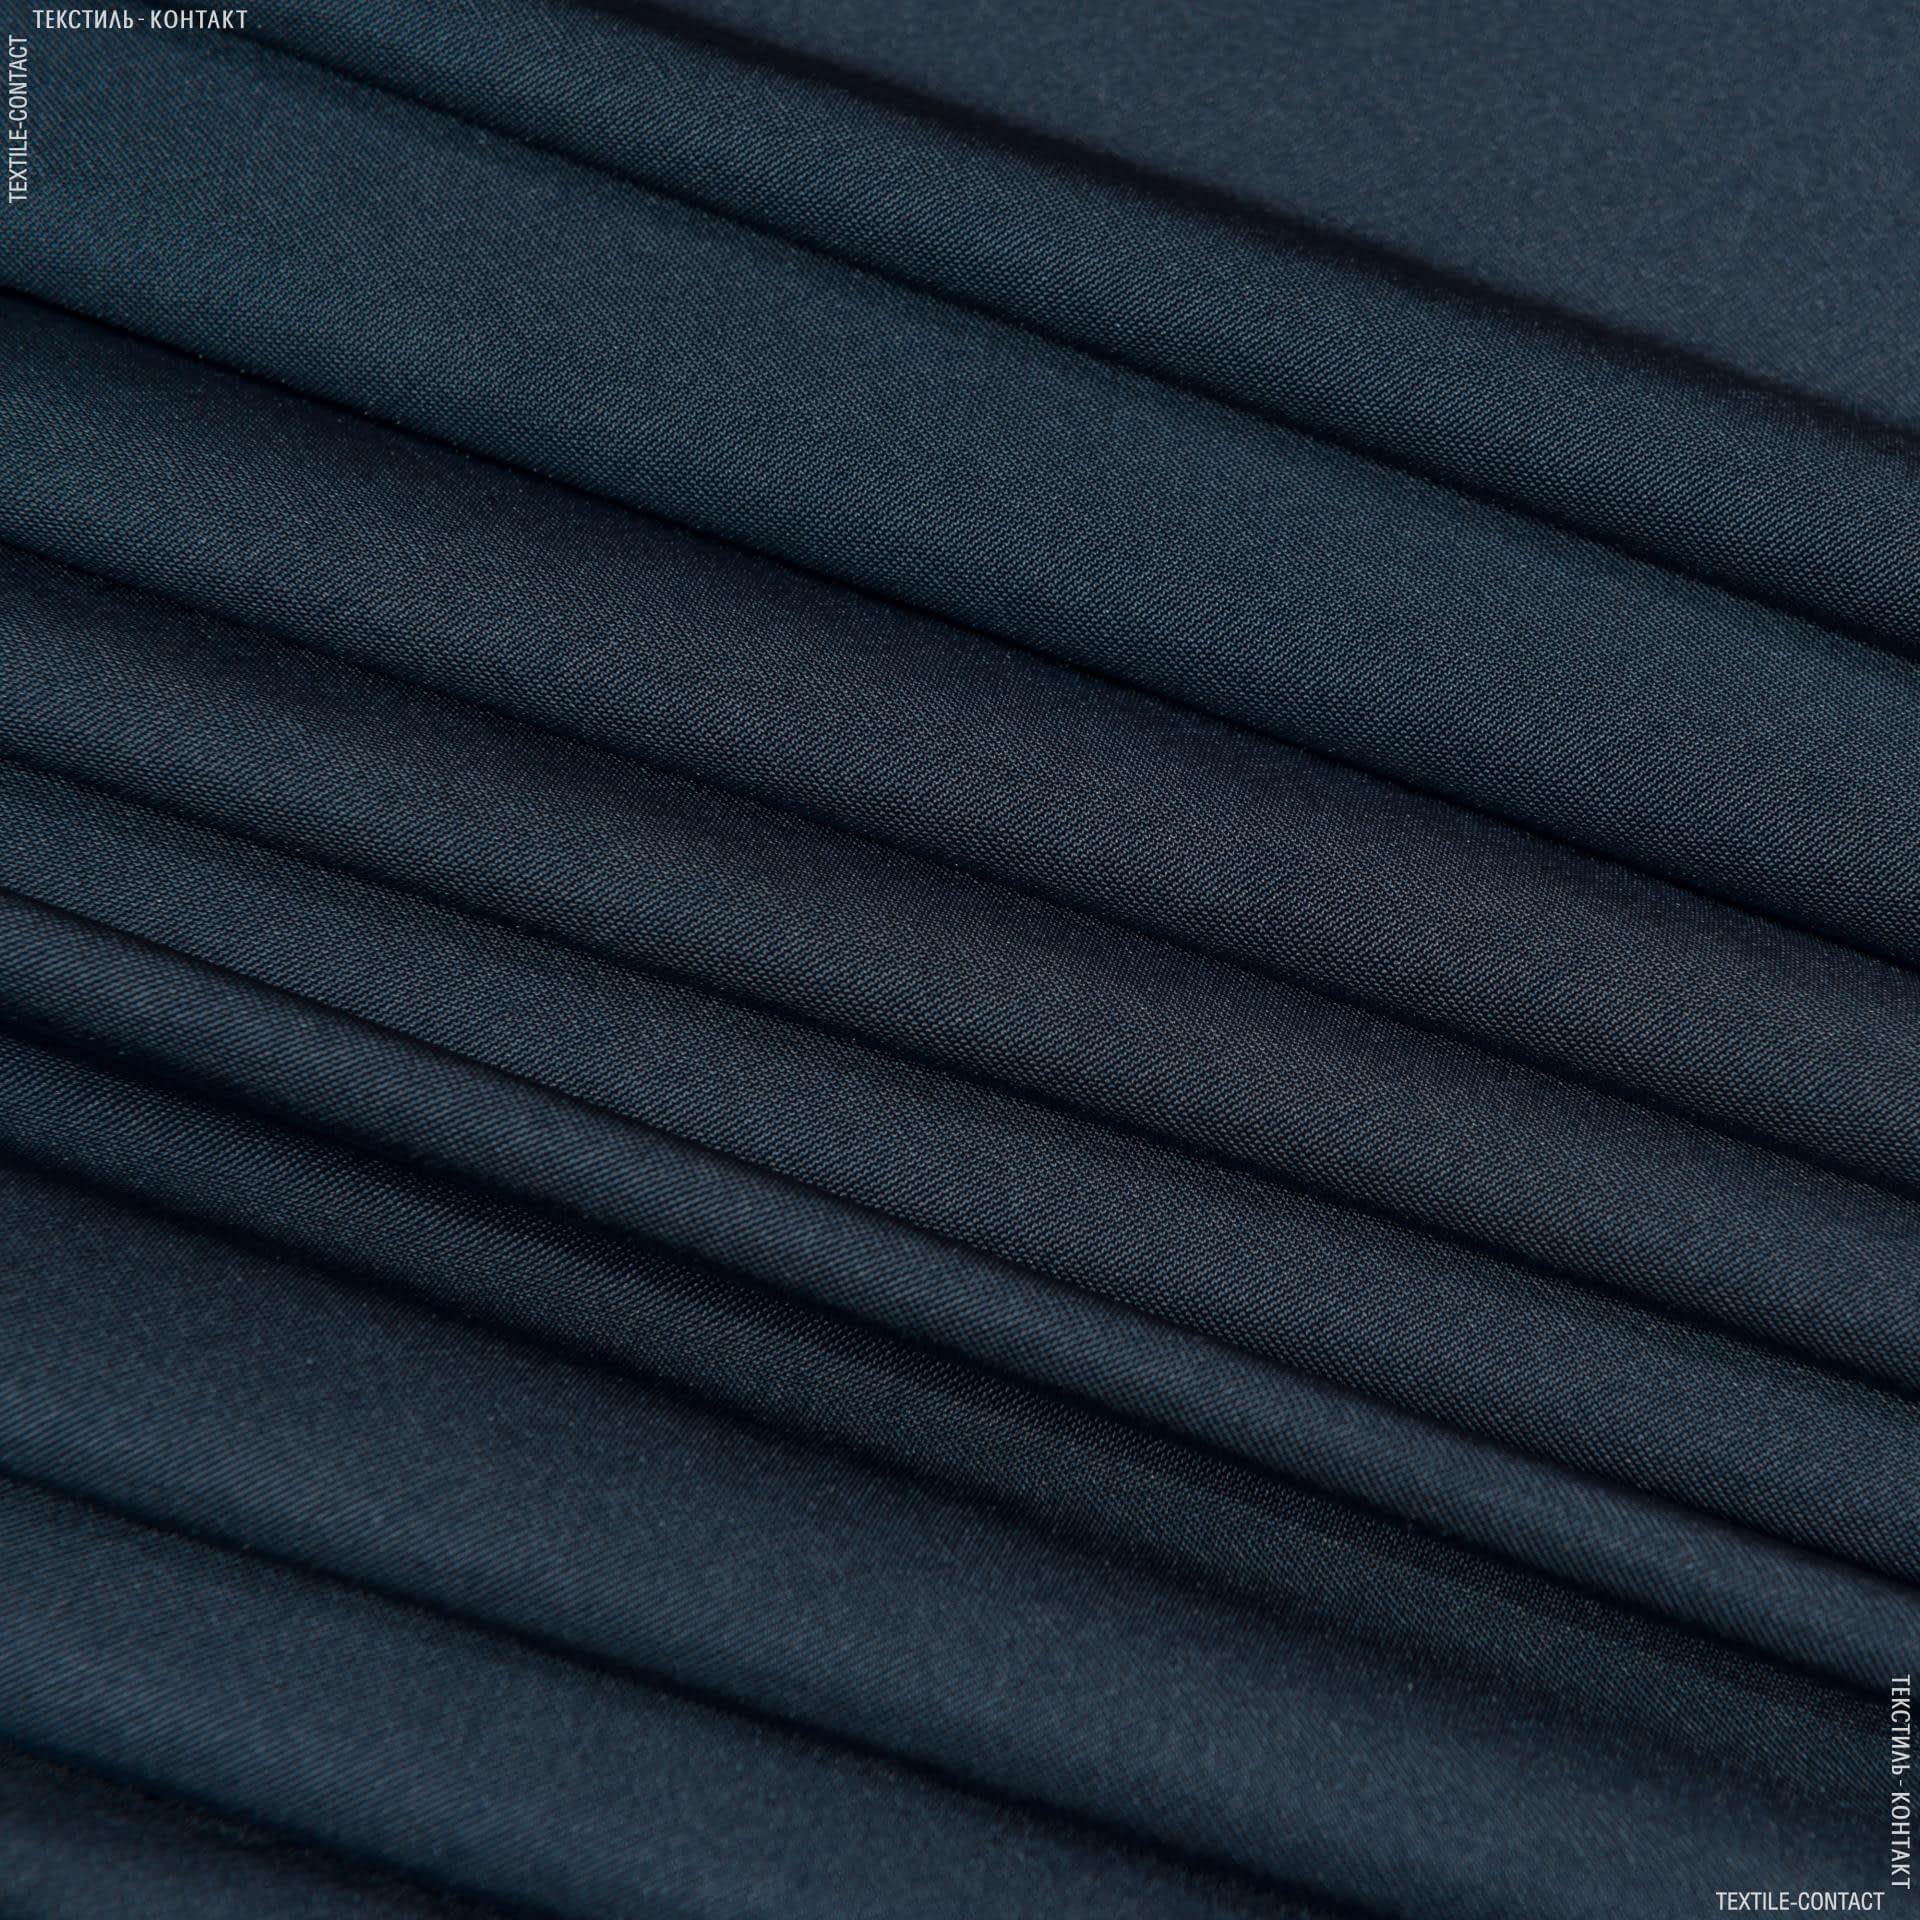 Тканини для суконь - Трикотаж жасмін сірий